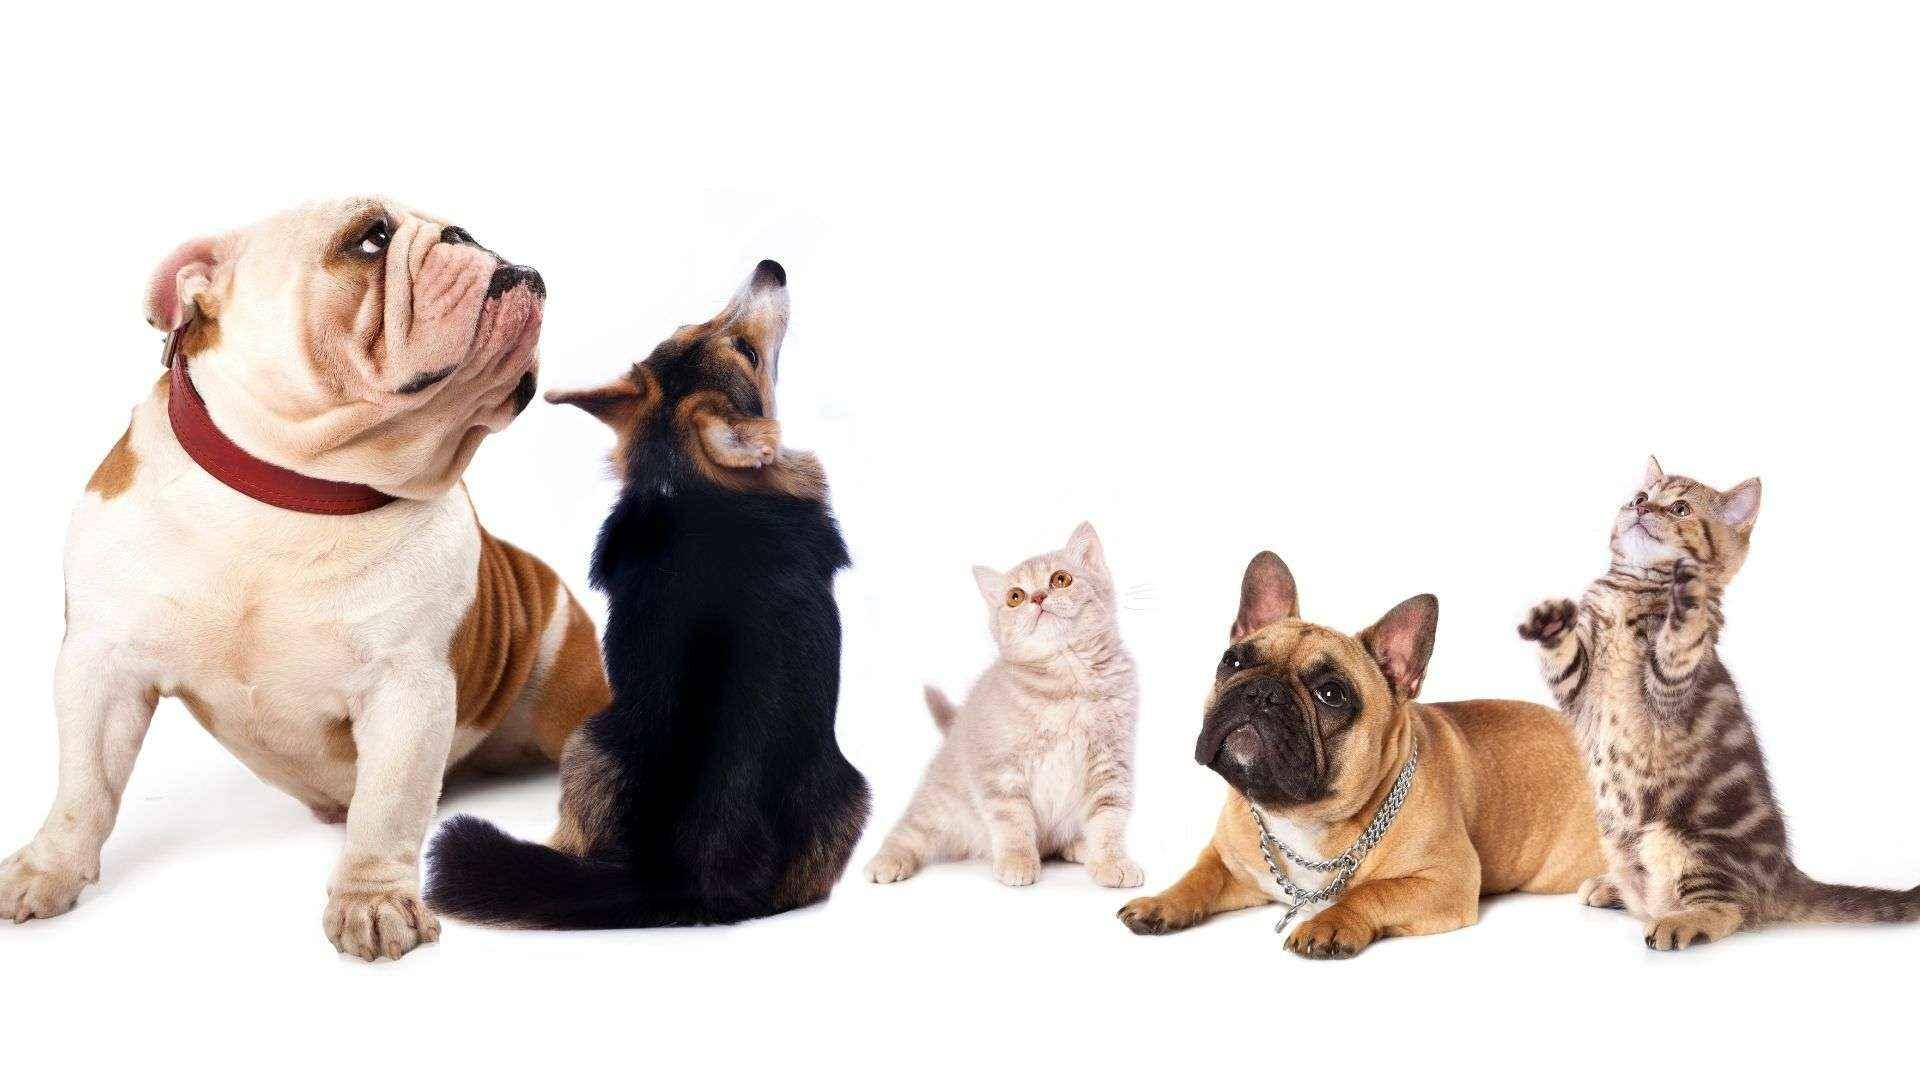 ozonoterapia en animales Tienda Veterinaria